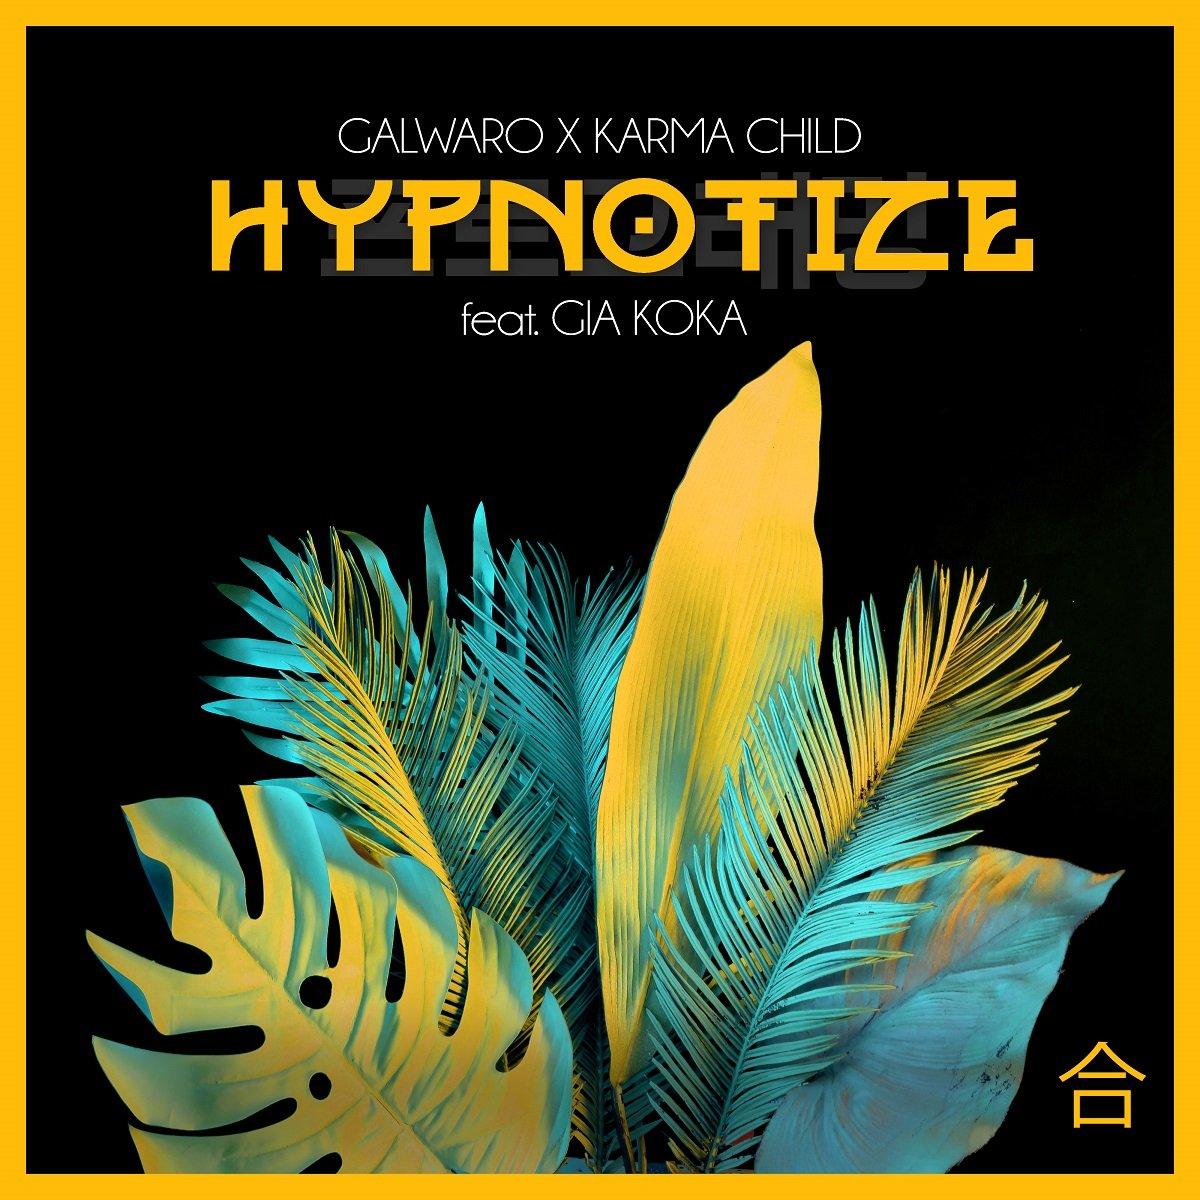 Galwaro, Karma Child - Hypnotize (feat. Gia Koka)